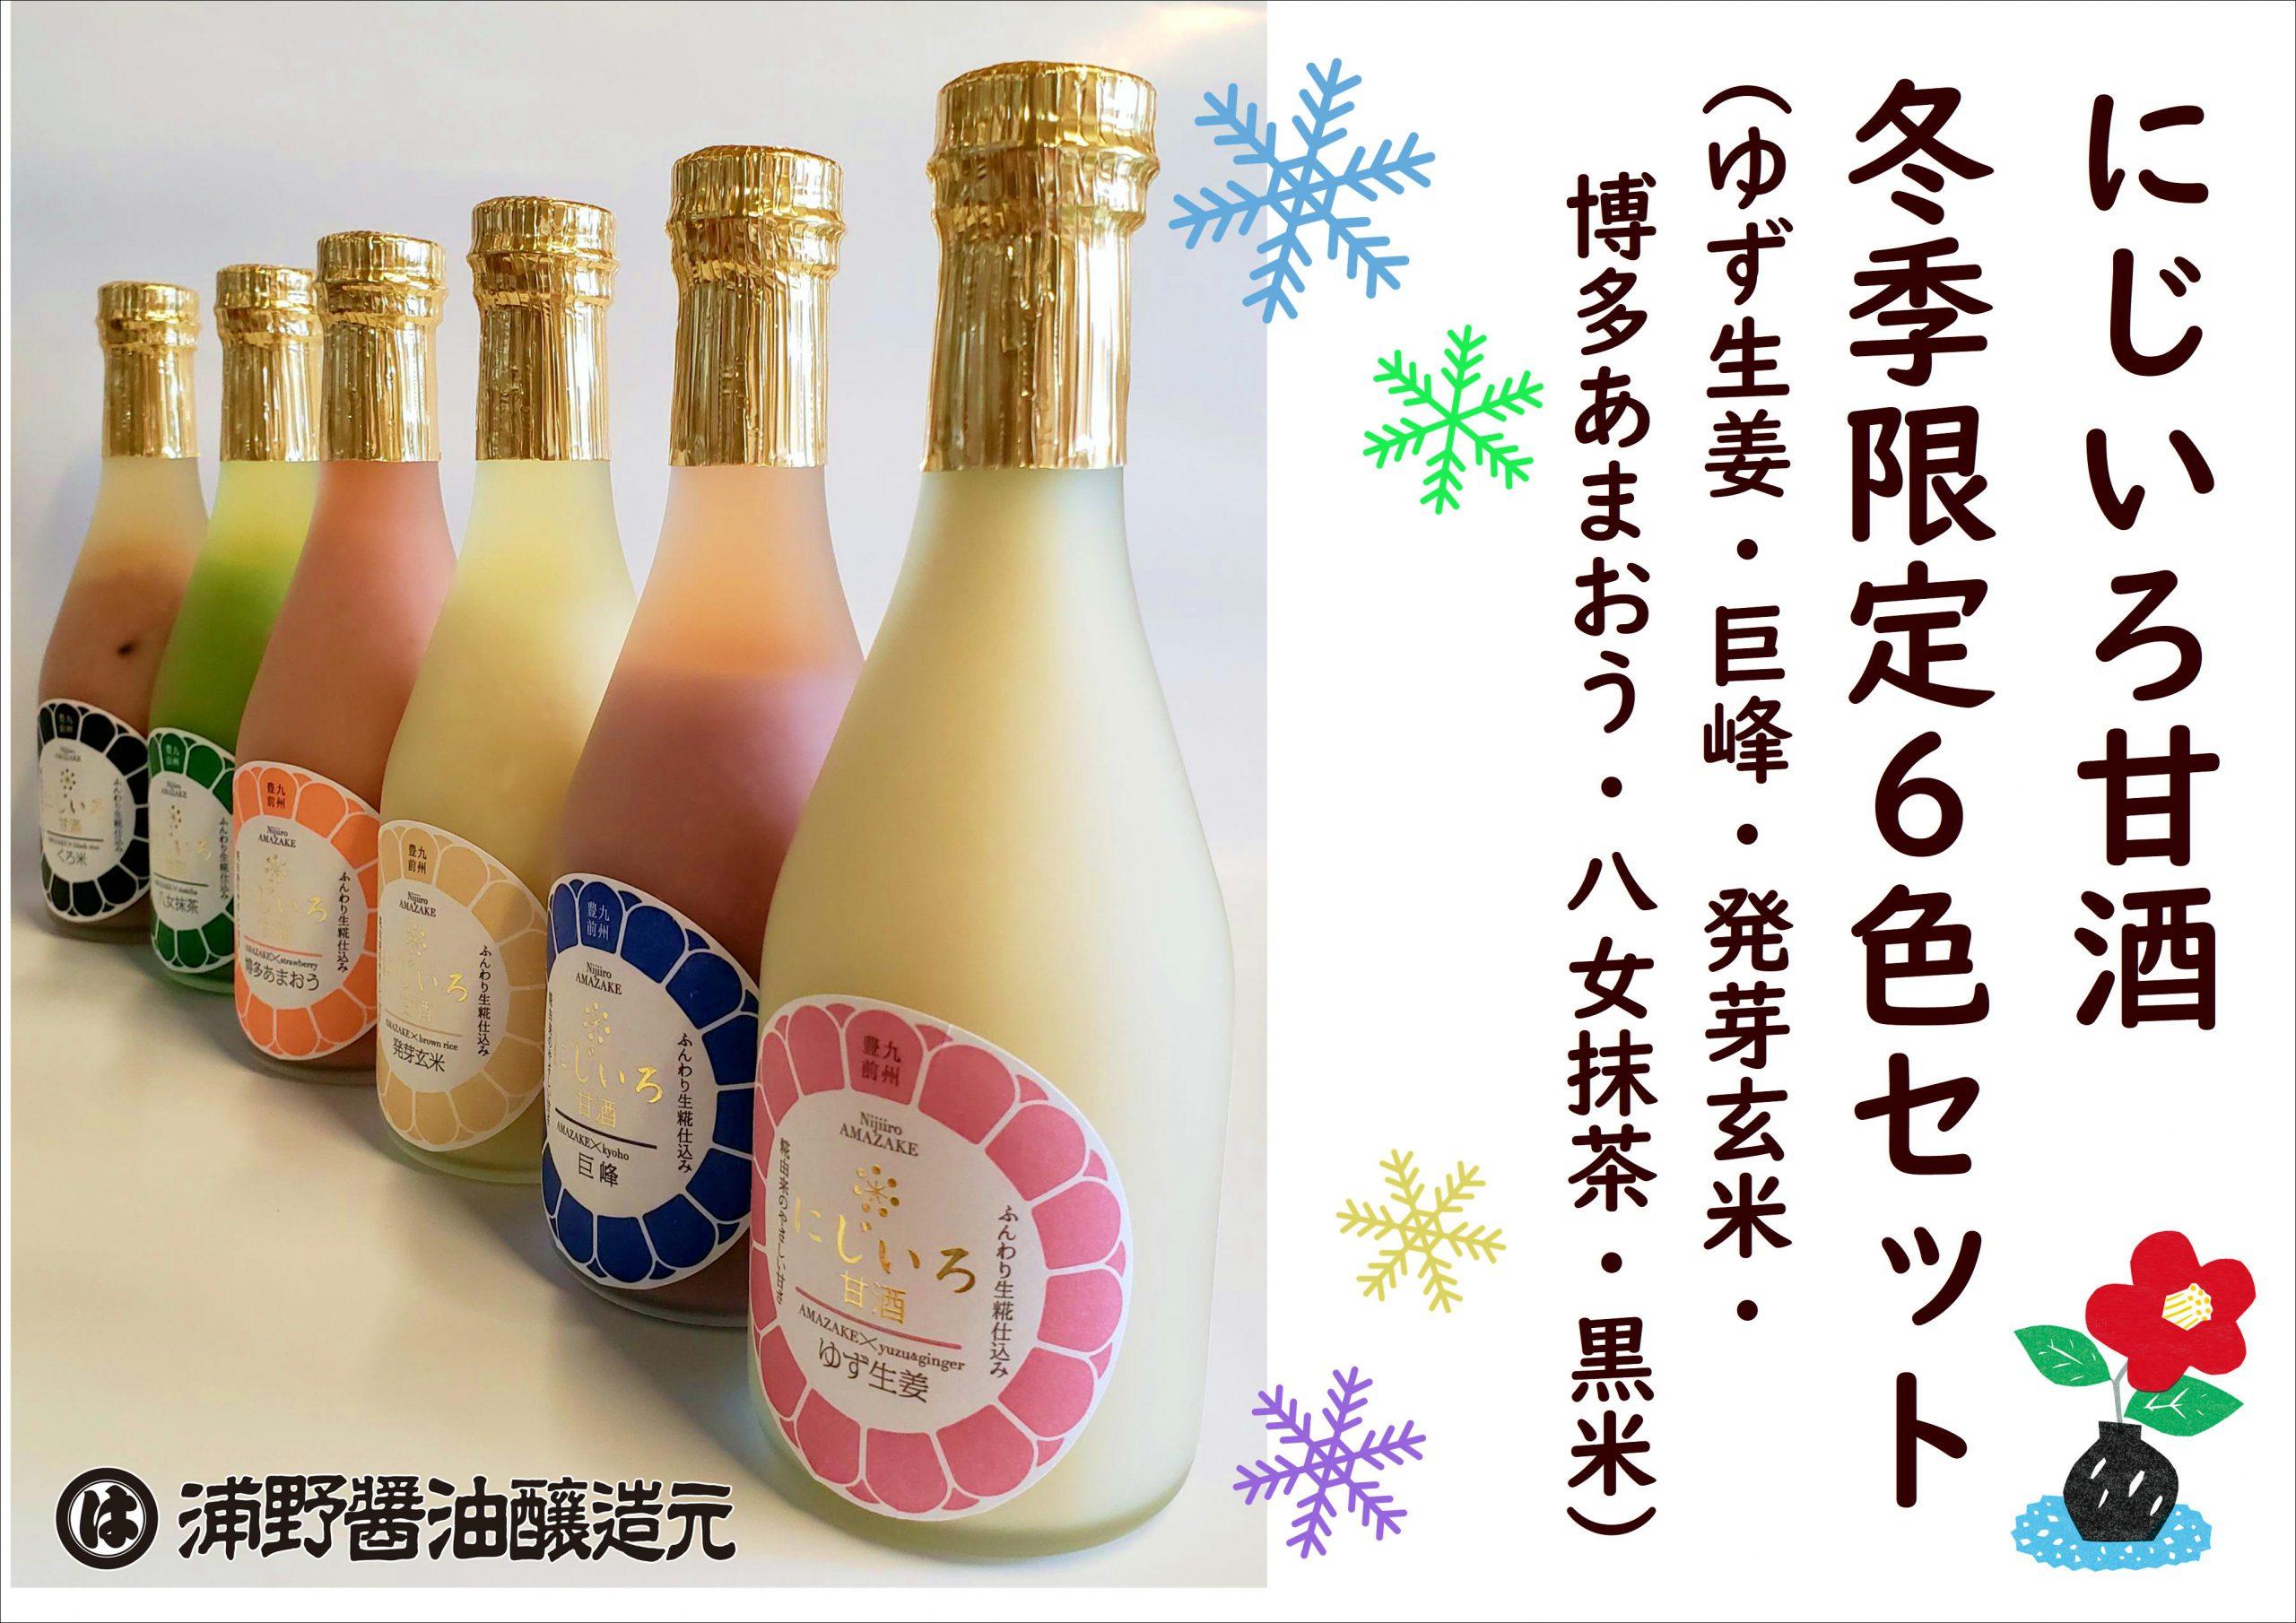 にじいろ甘酒冬季限定6色セット(ゆず生姜、巨峰、発芽玄米、博多あまおう、八女抹茶、黒米)